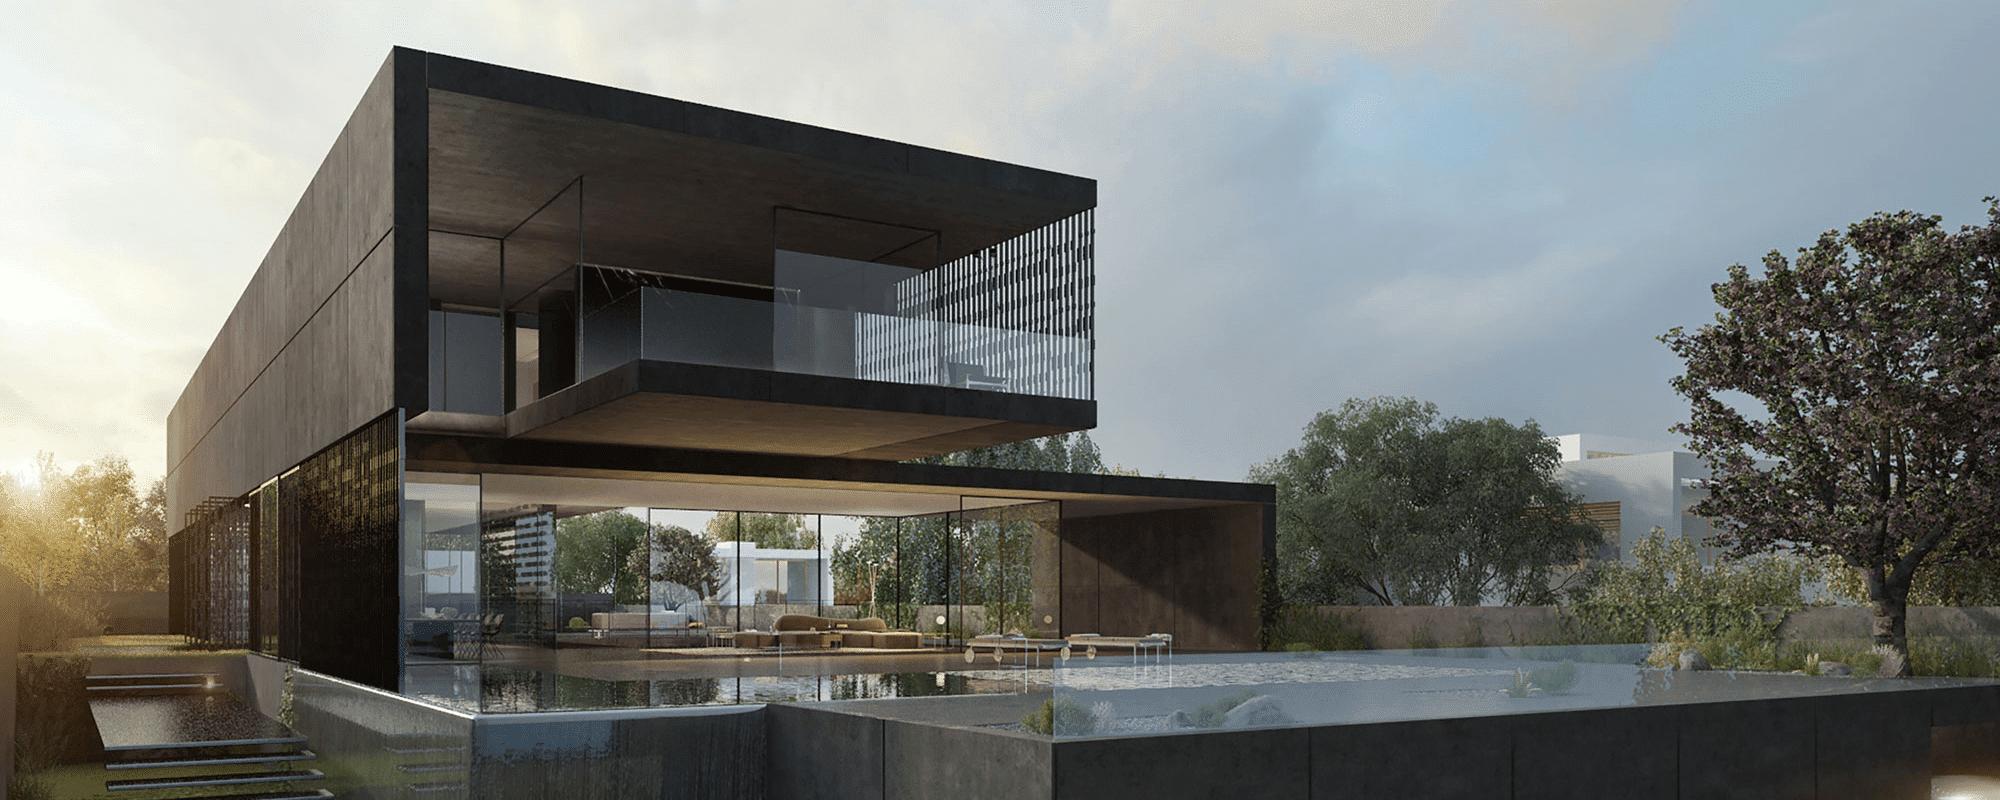 staalconstructie voor eigen huis met zwembad